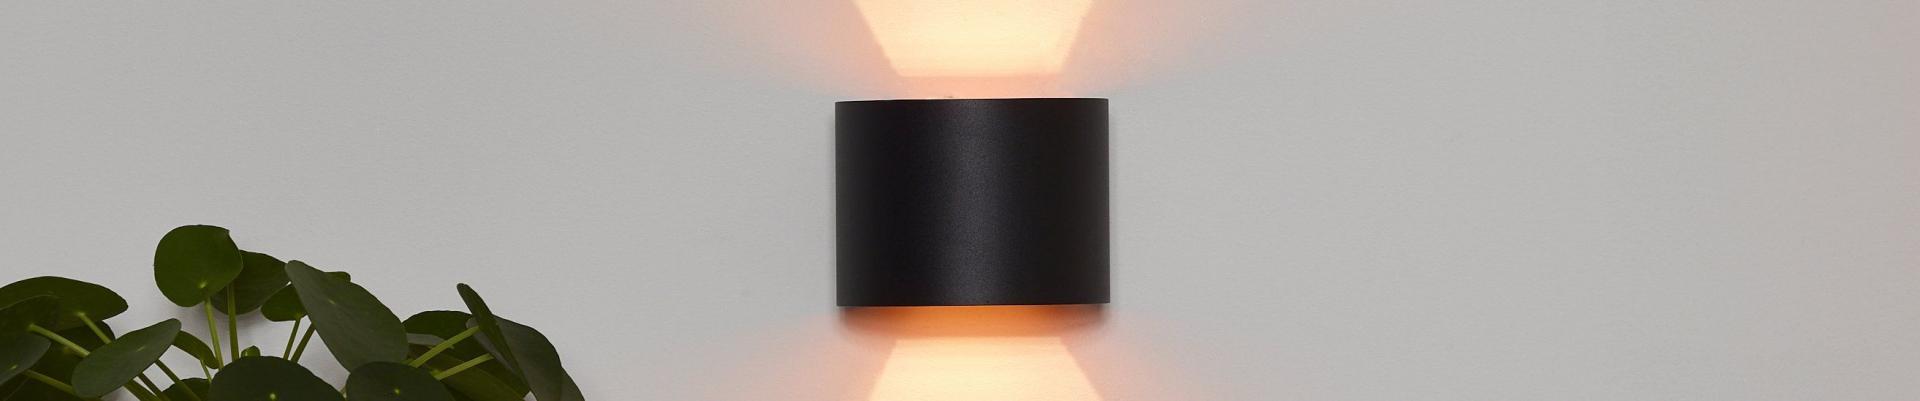 Lucide wandlampen